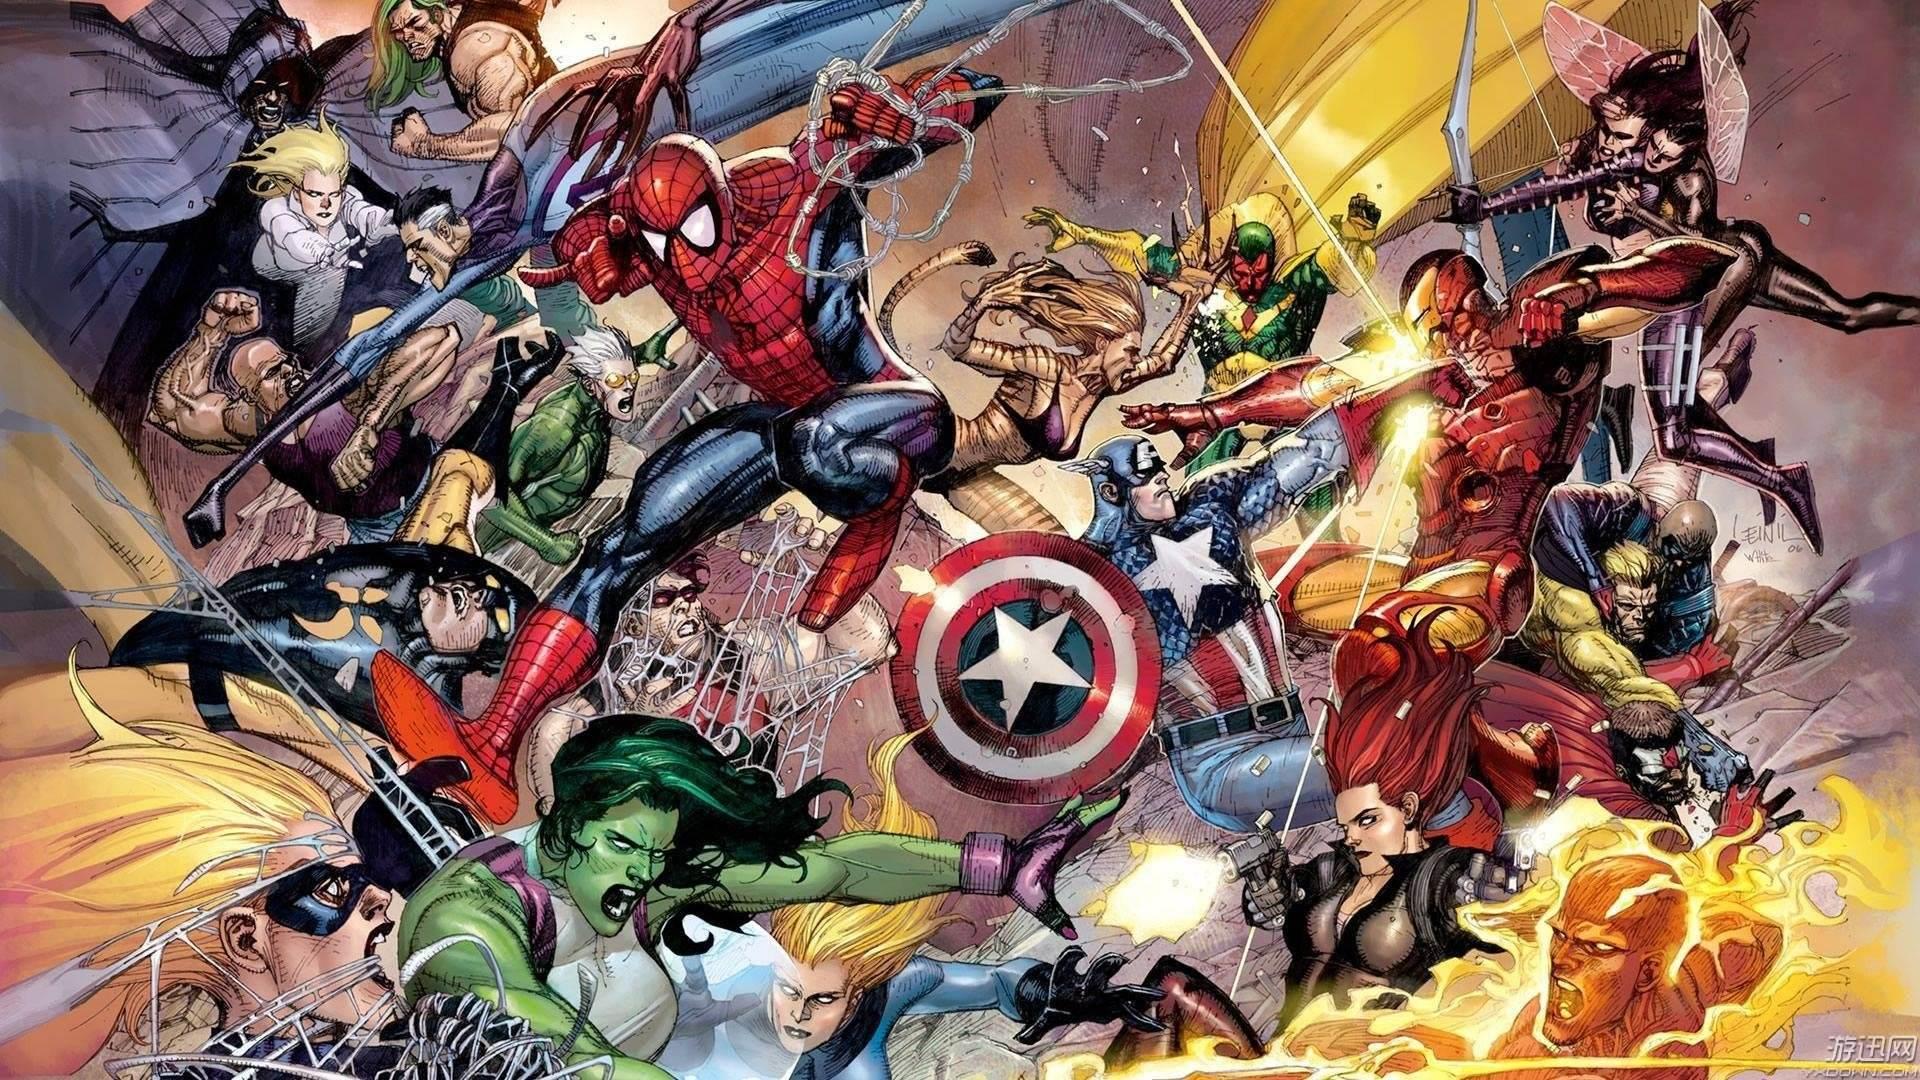 #经典看电影#国外网友分析《复仇者联盟3》角色战力排行,你同意不?